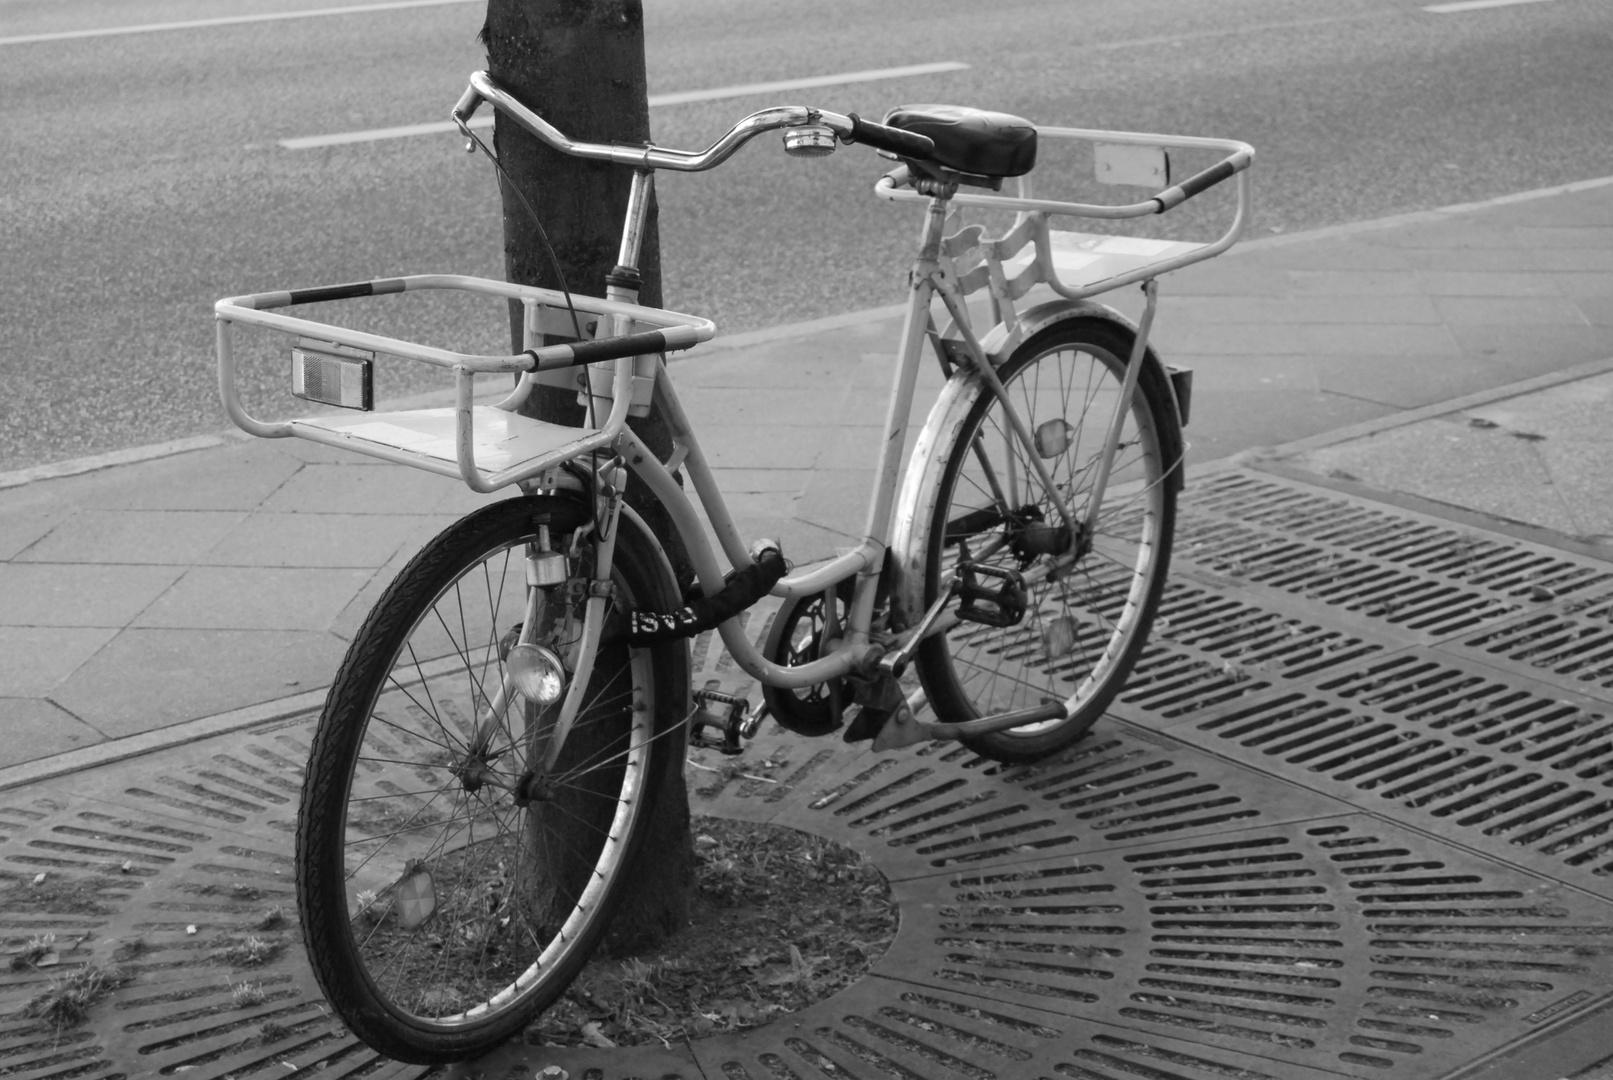 it isn't my bike